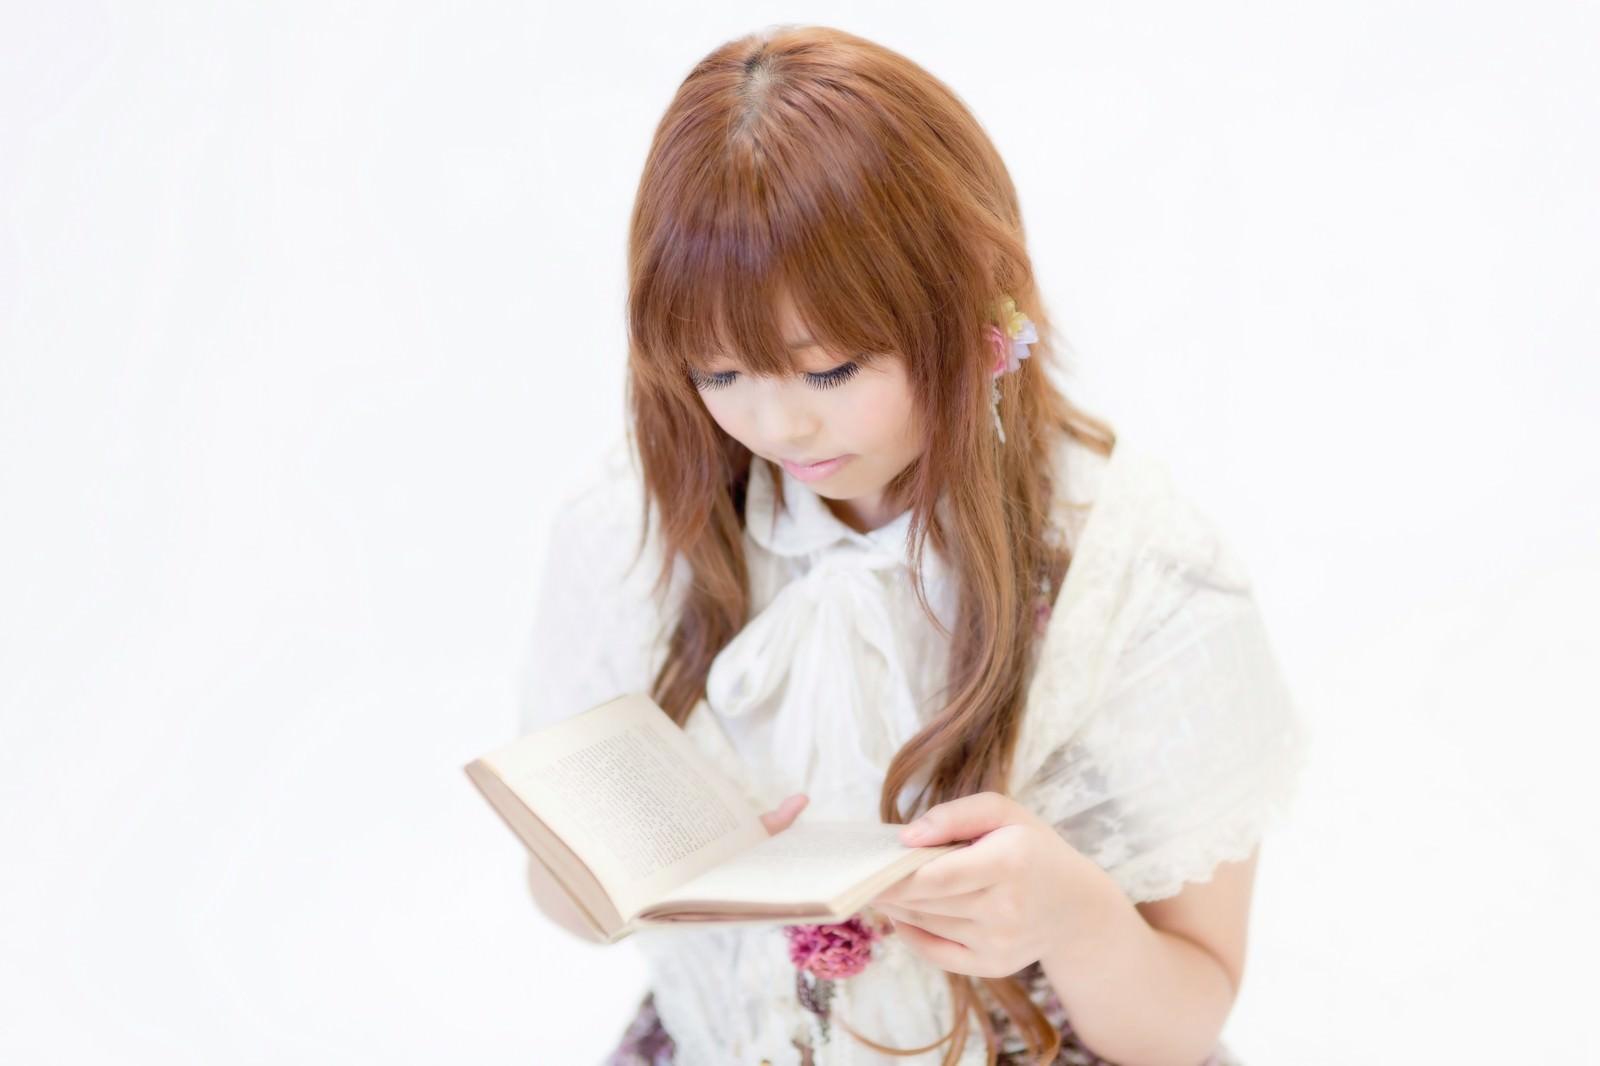 「本を読むゆるふわな女の子」の写真[モデル:あみ]